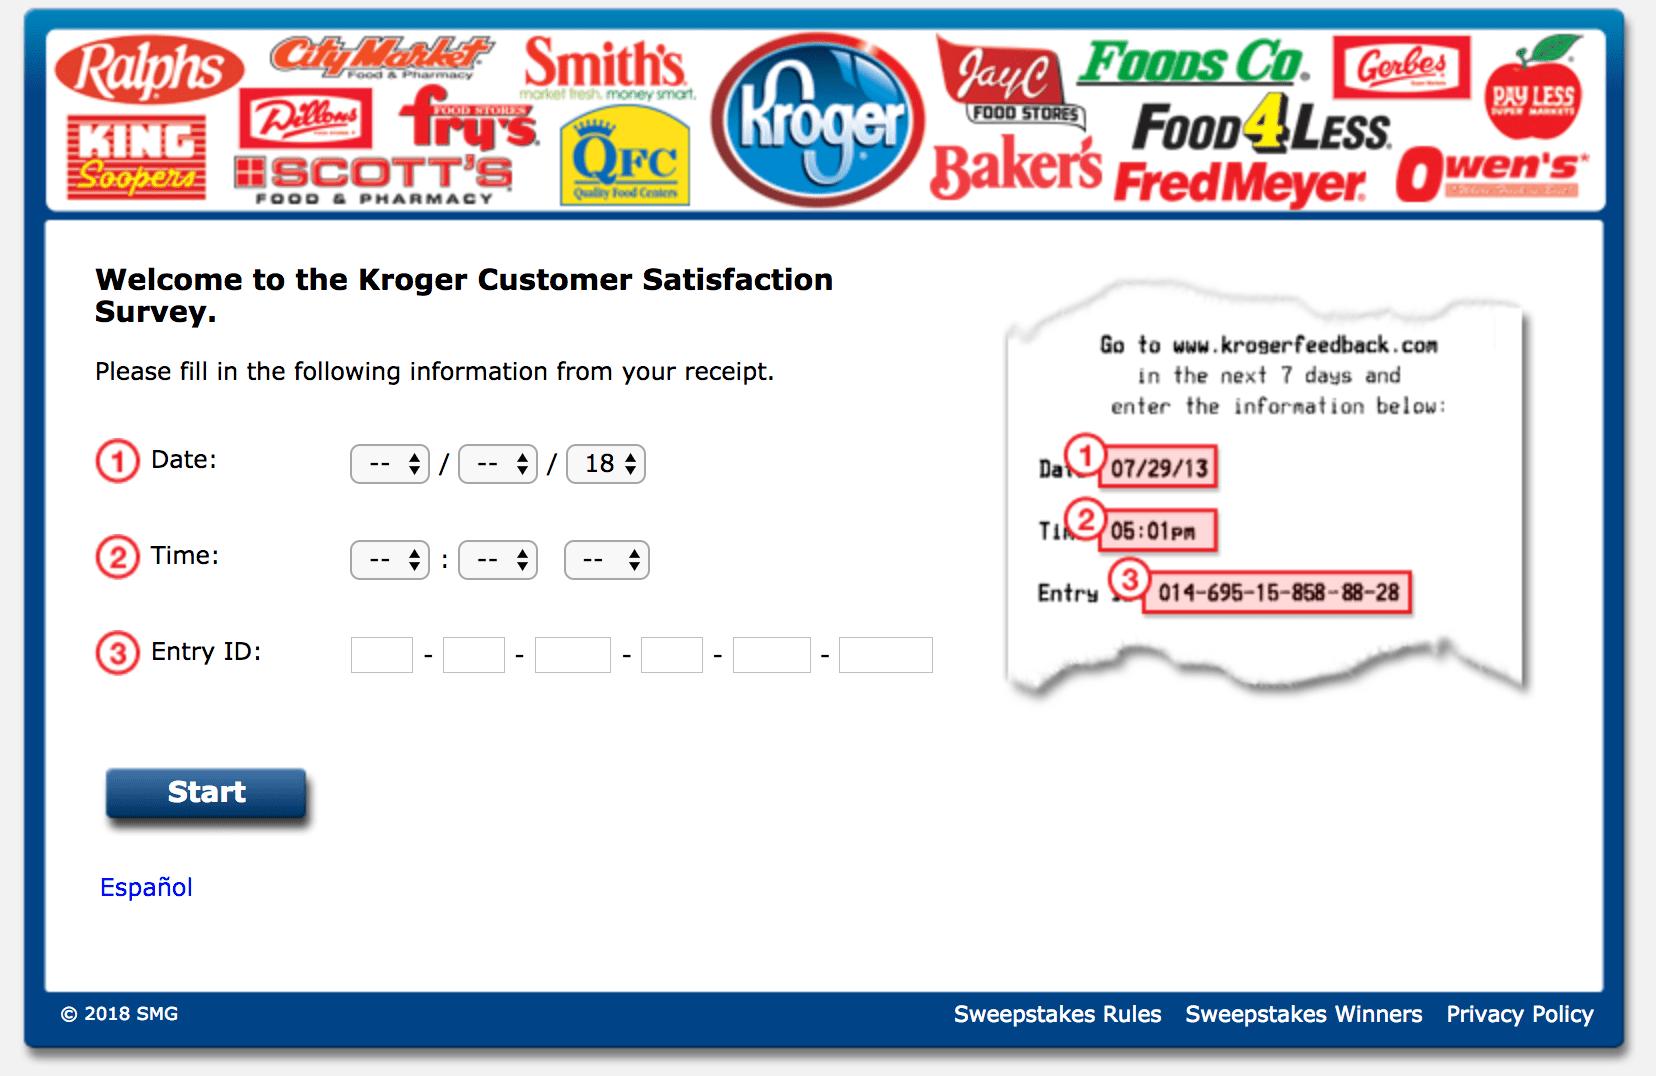 Krogerfeedback survey guidelines